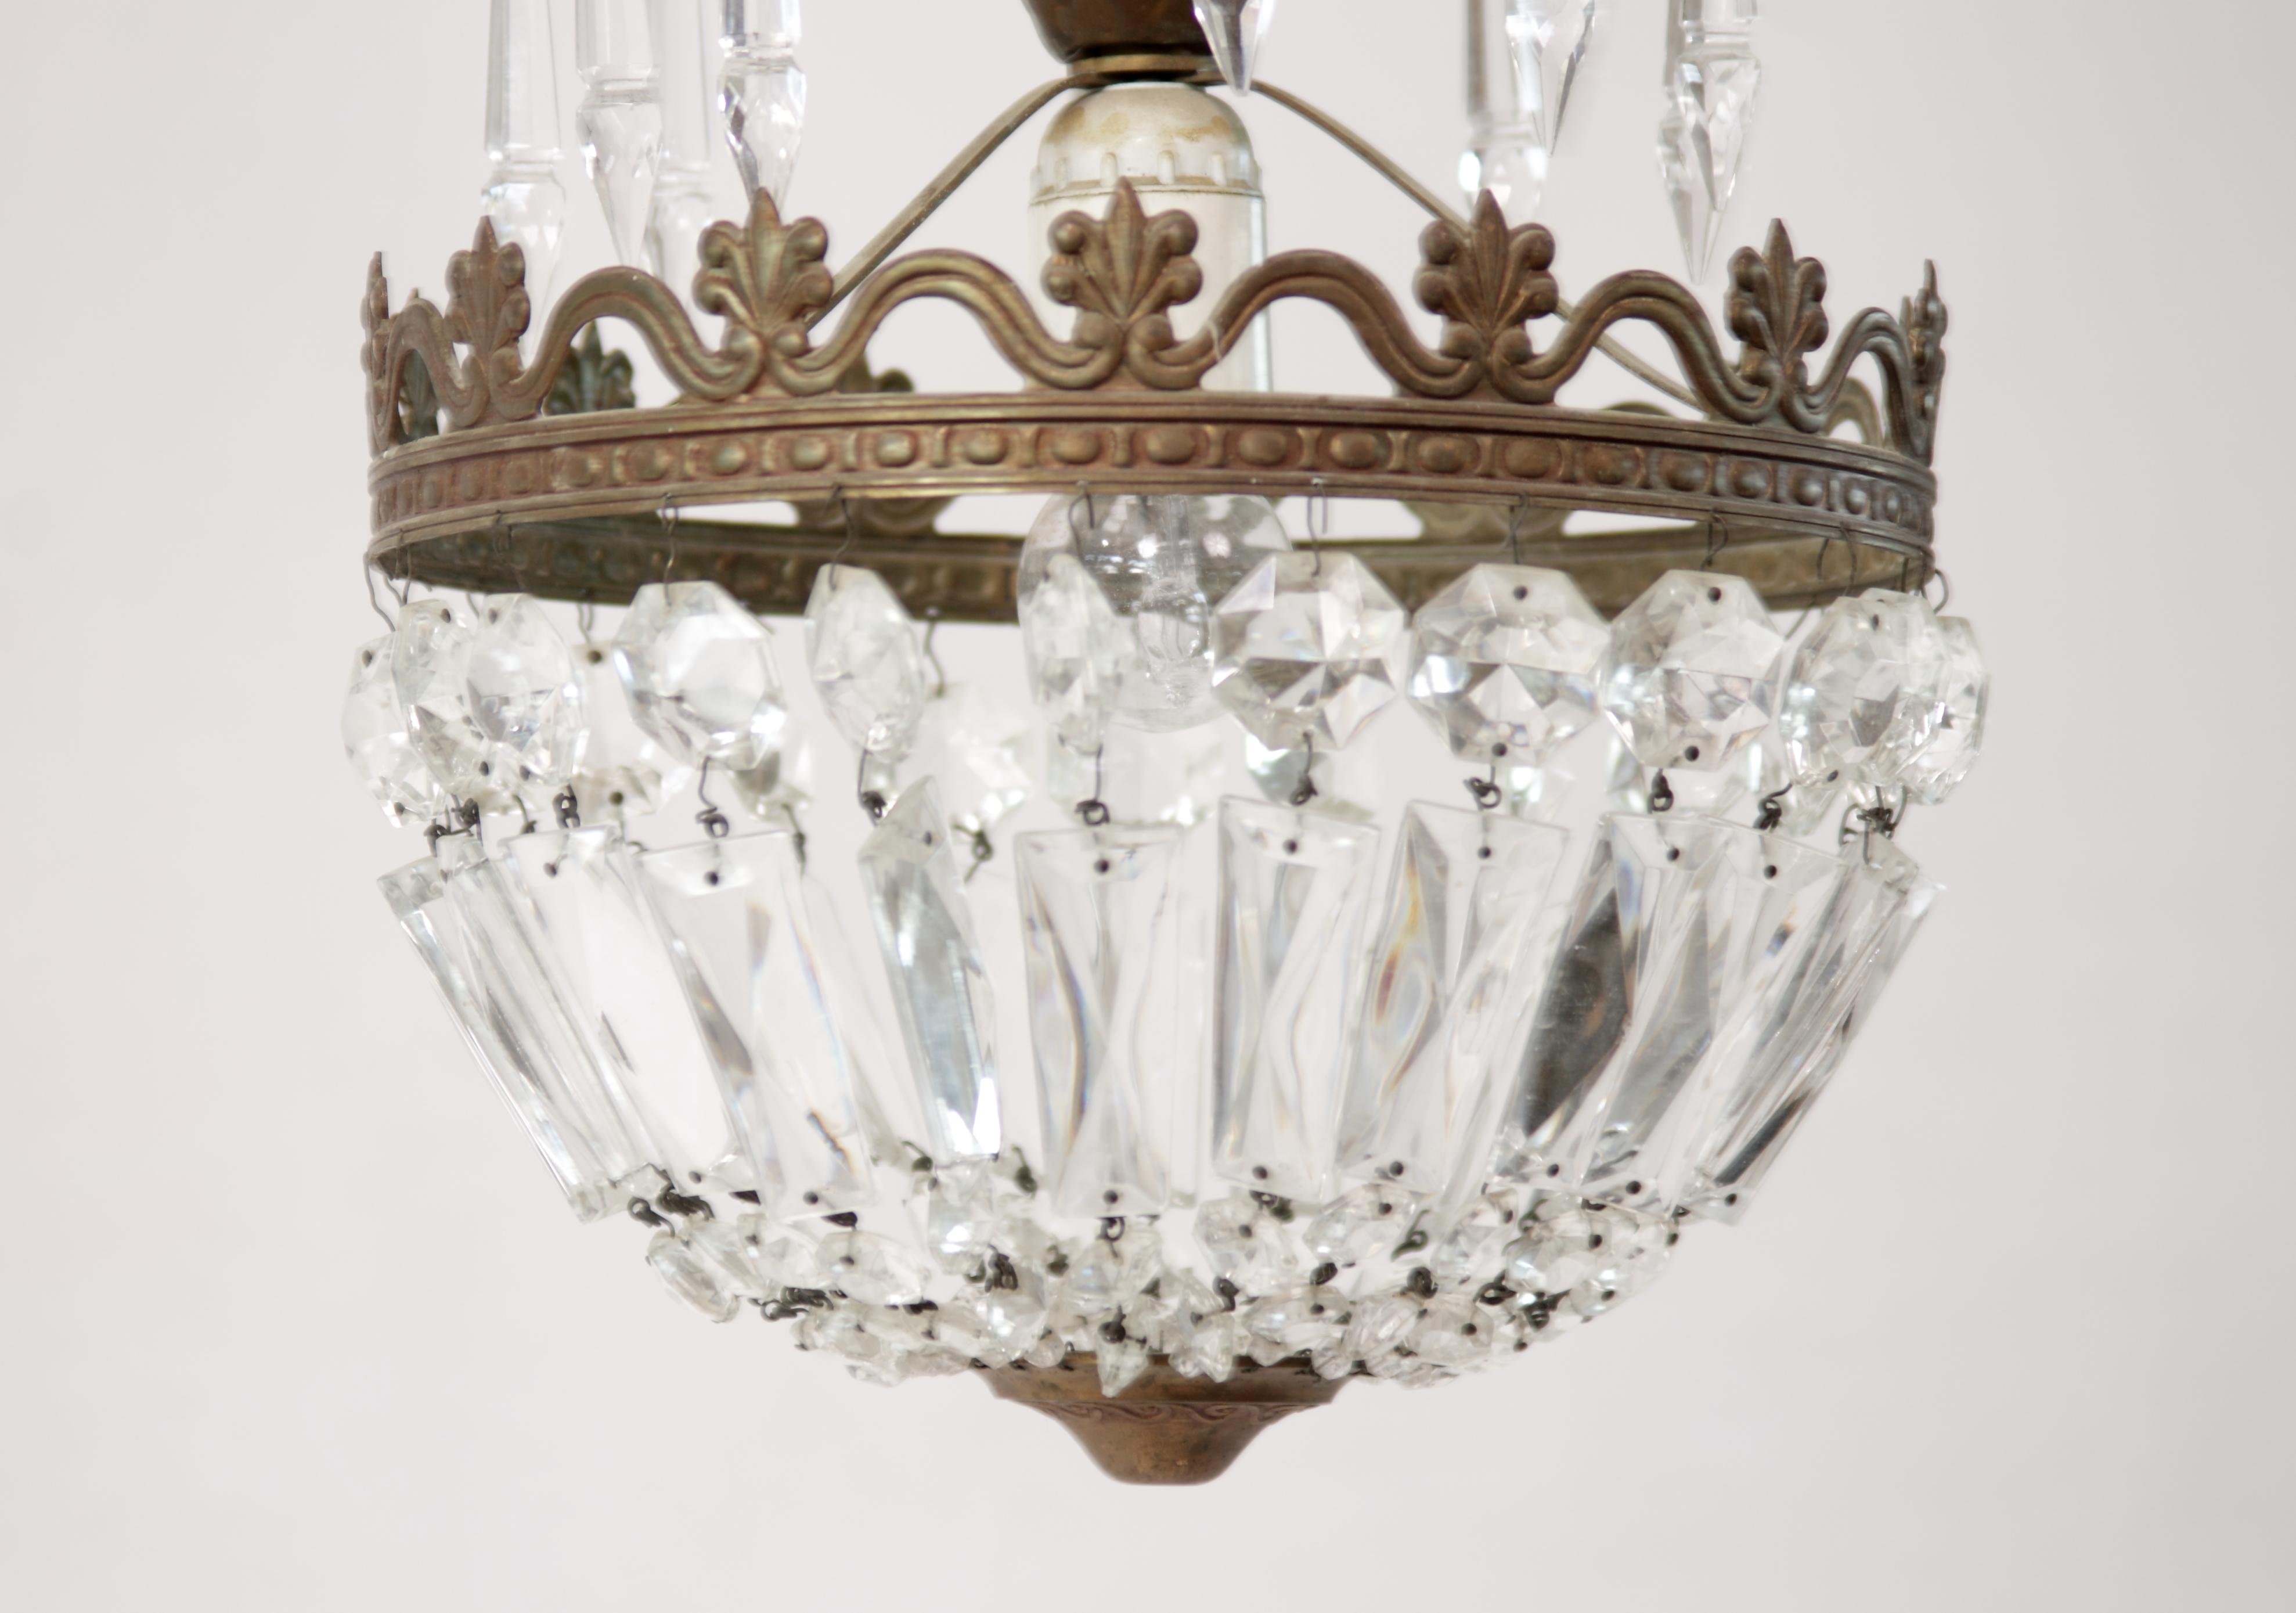 Kronleuchter Lampe ~ Kronleuchter lampe licht wandleuchte gold kristall glas highlight